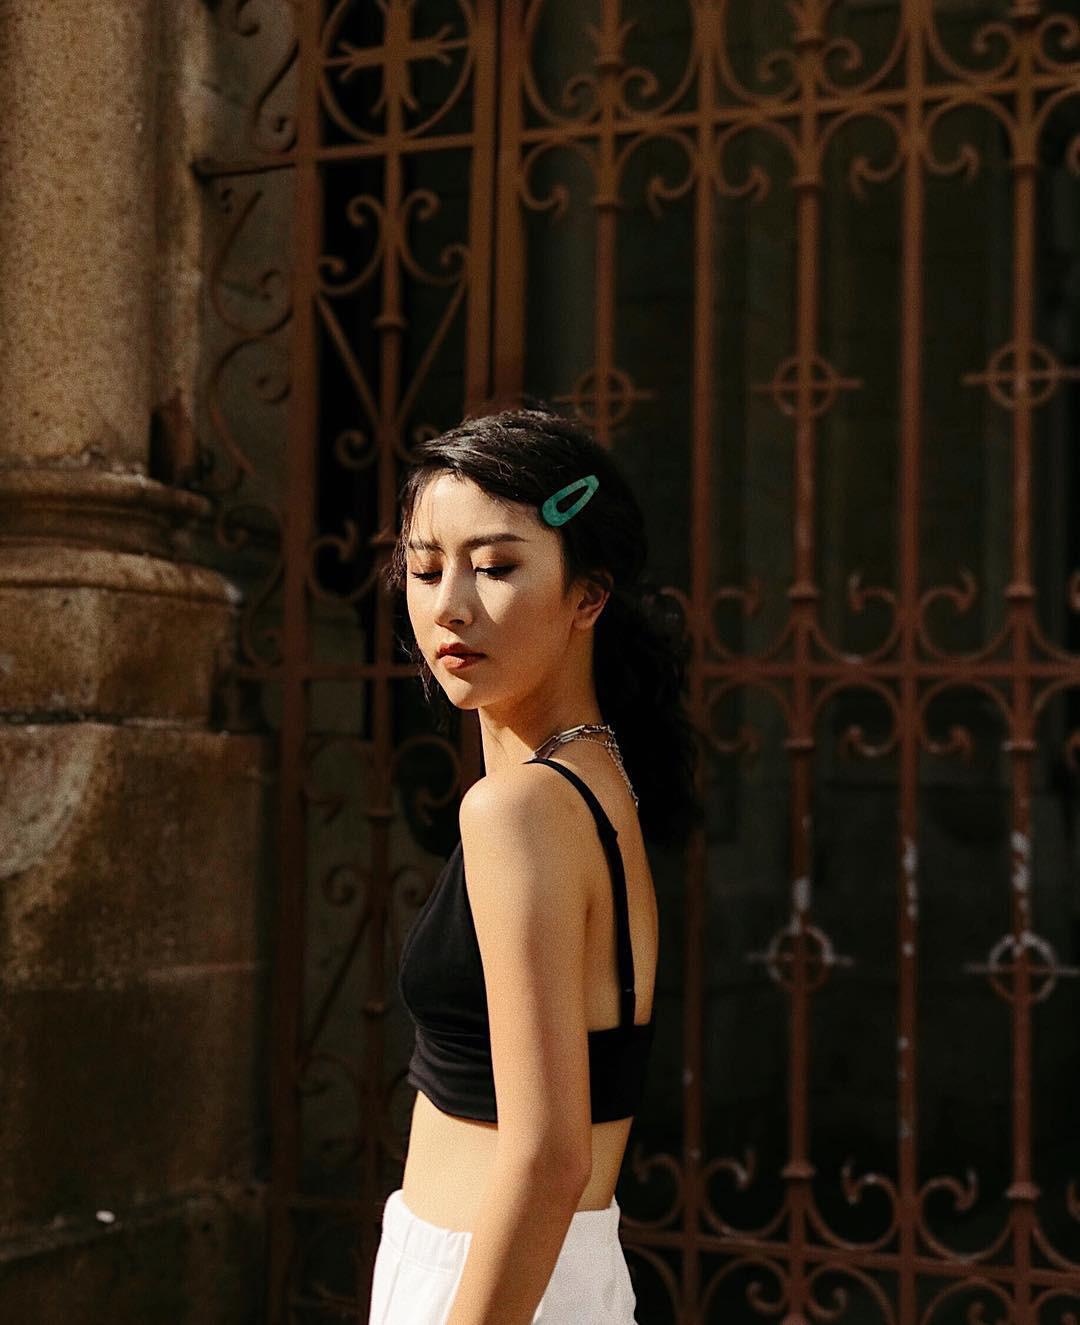 Kẹp tóc màu sắc từ thời ơ kìa bỗng hot trở lại, hot girl Hàn - Việt đều thi nhau dùng - Ảnh 1.